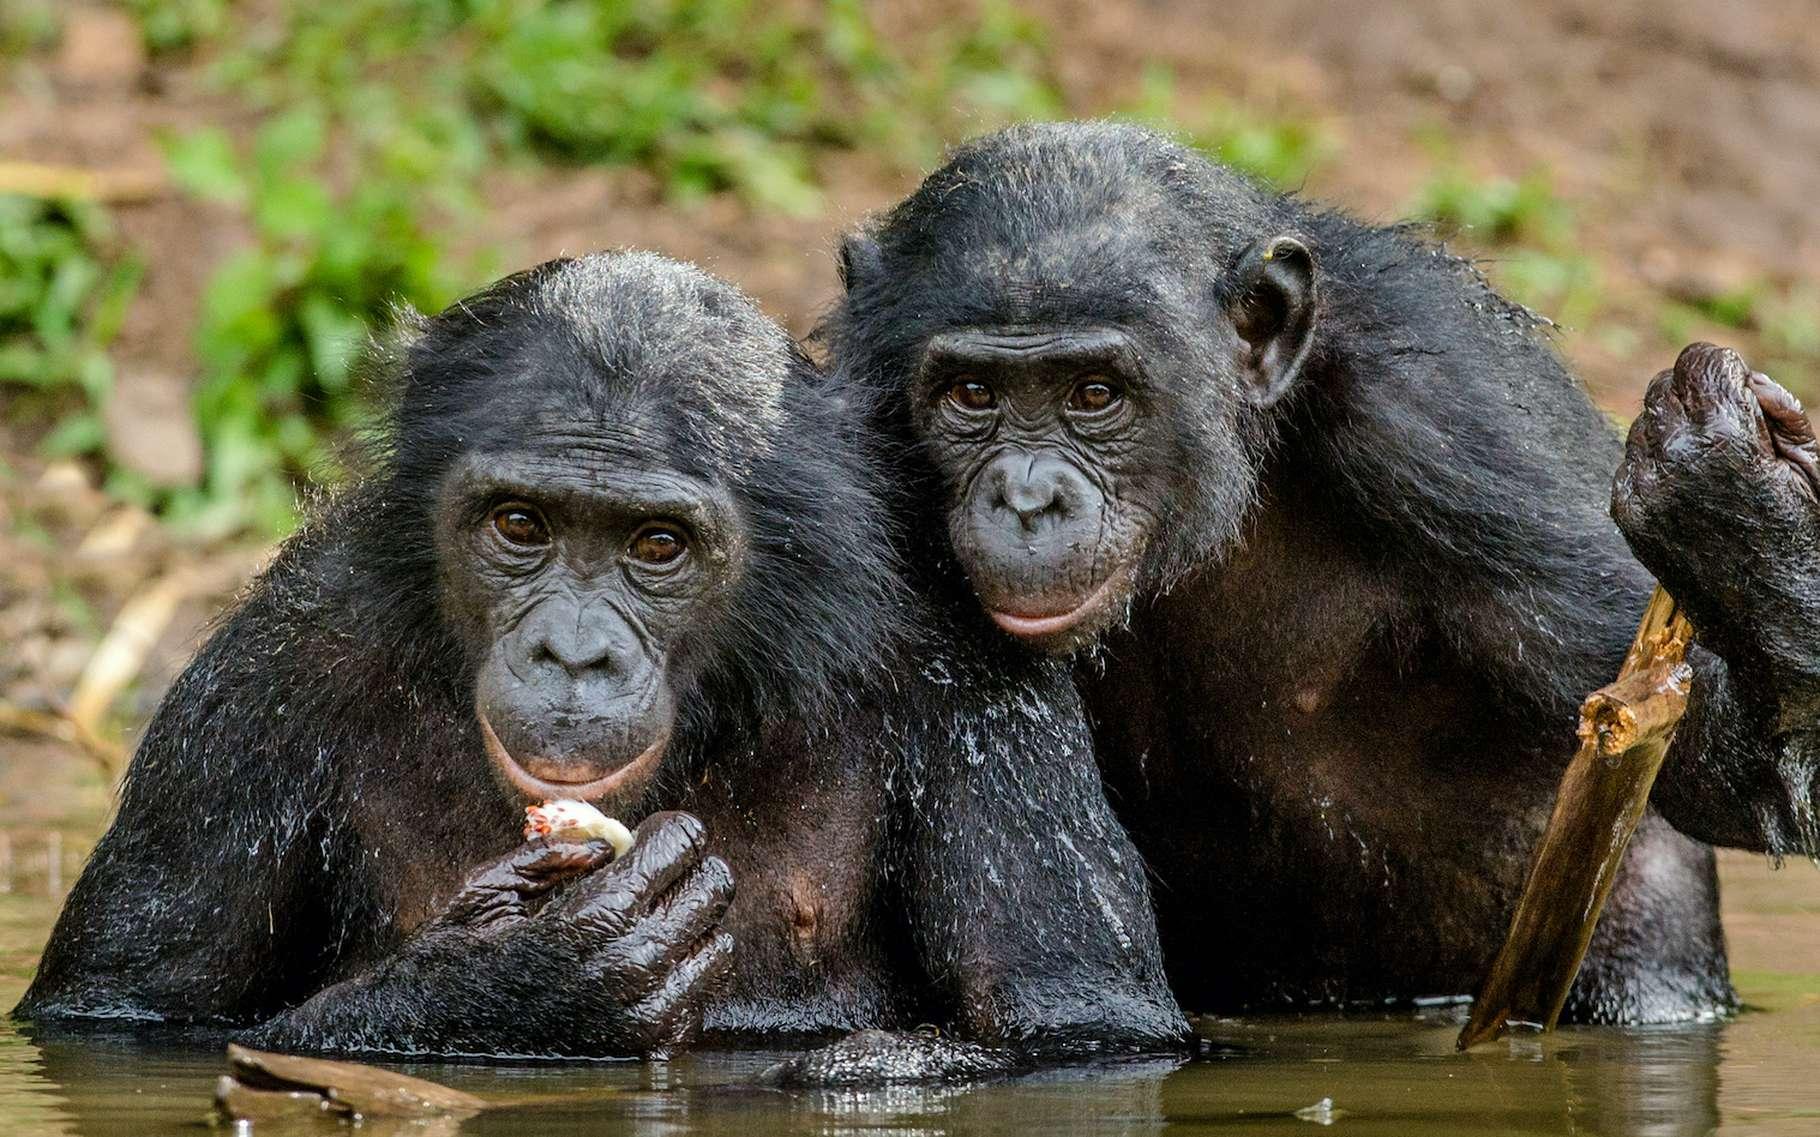 Les bonobos font partie de ces grands singes dont le territoire est gravement menacé. © Uryadnikv Sergey, Adobe Stock